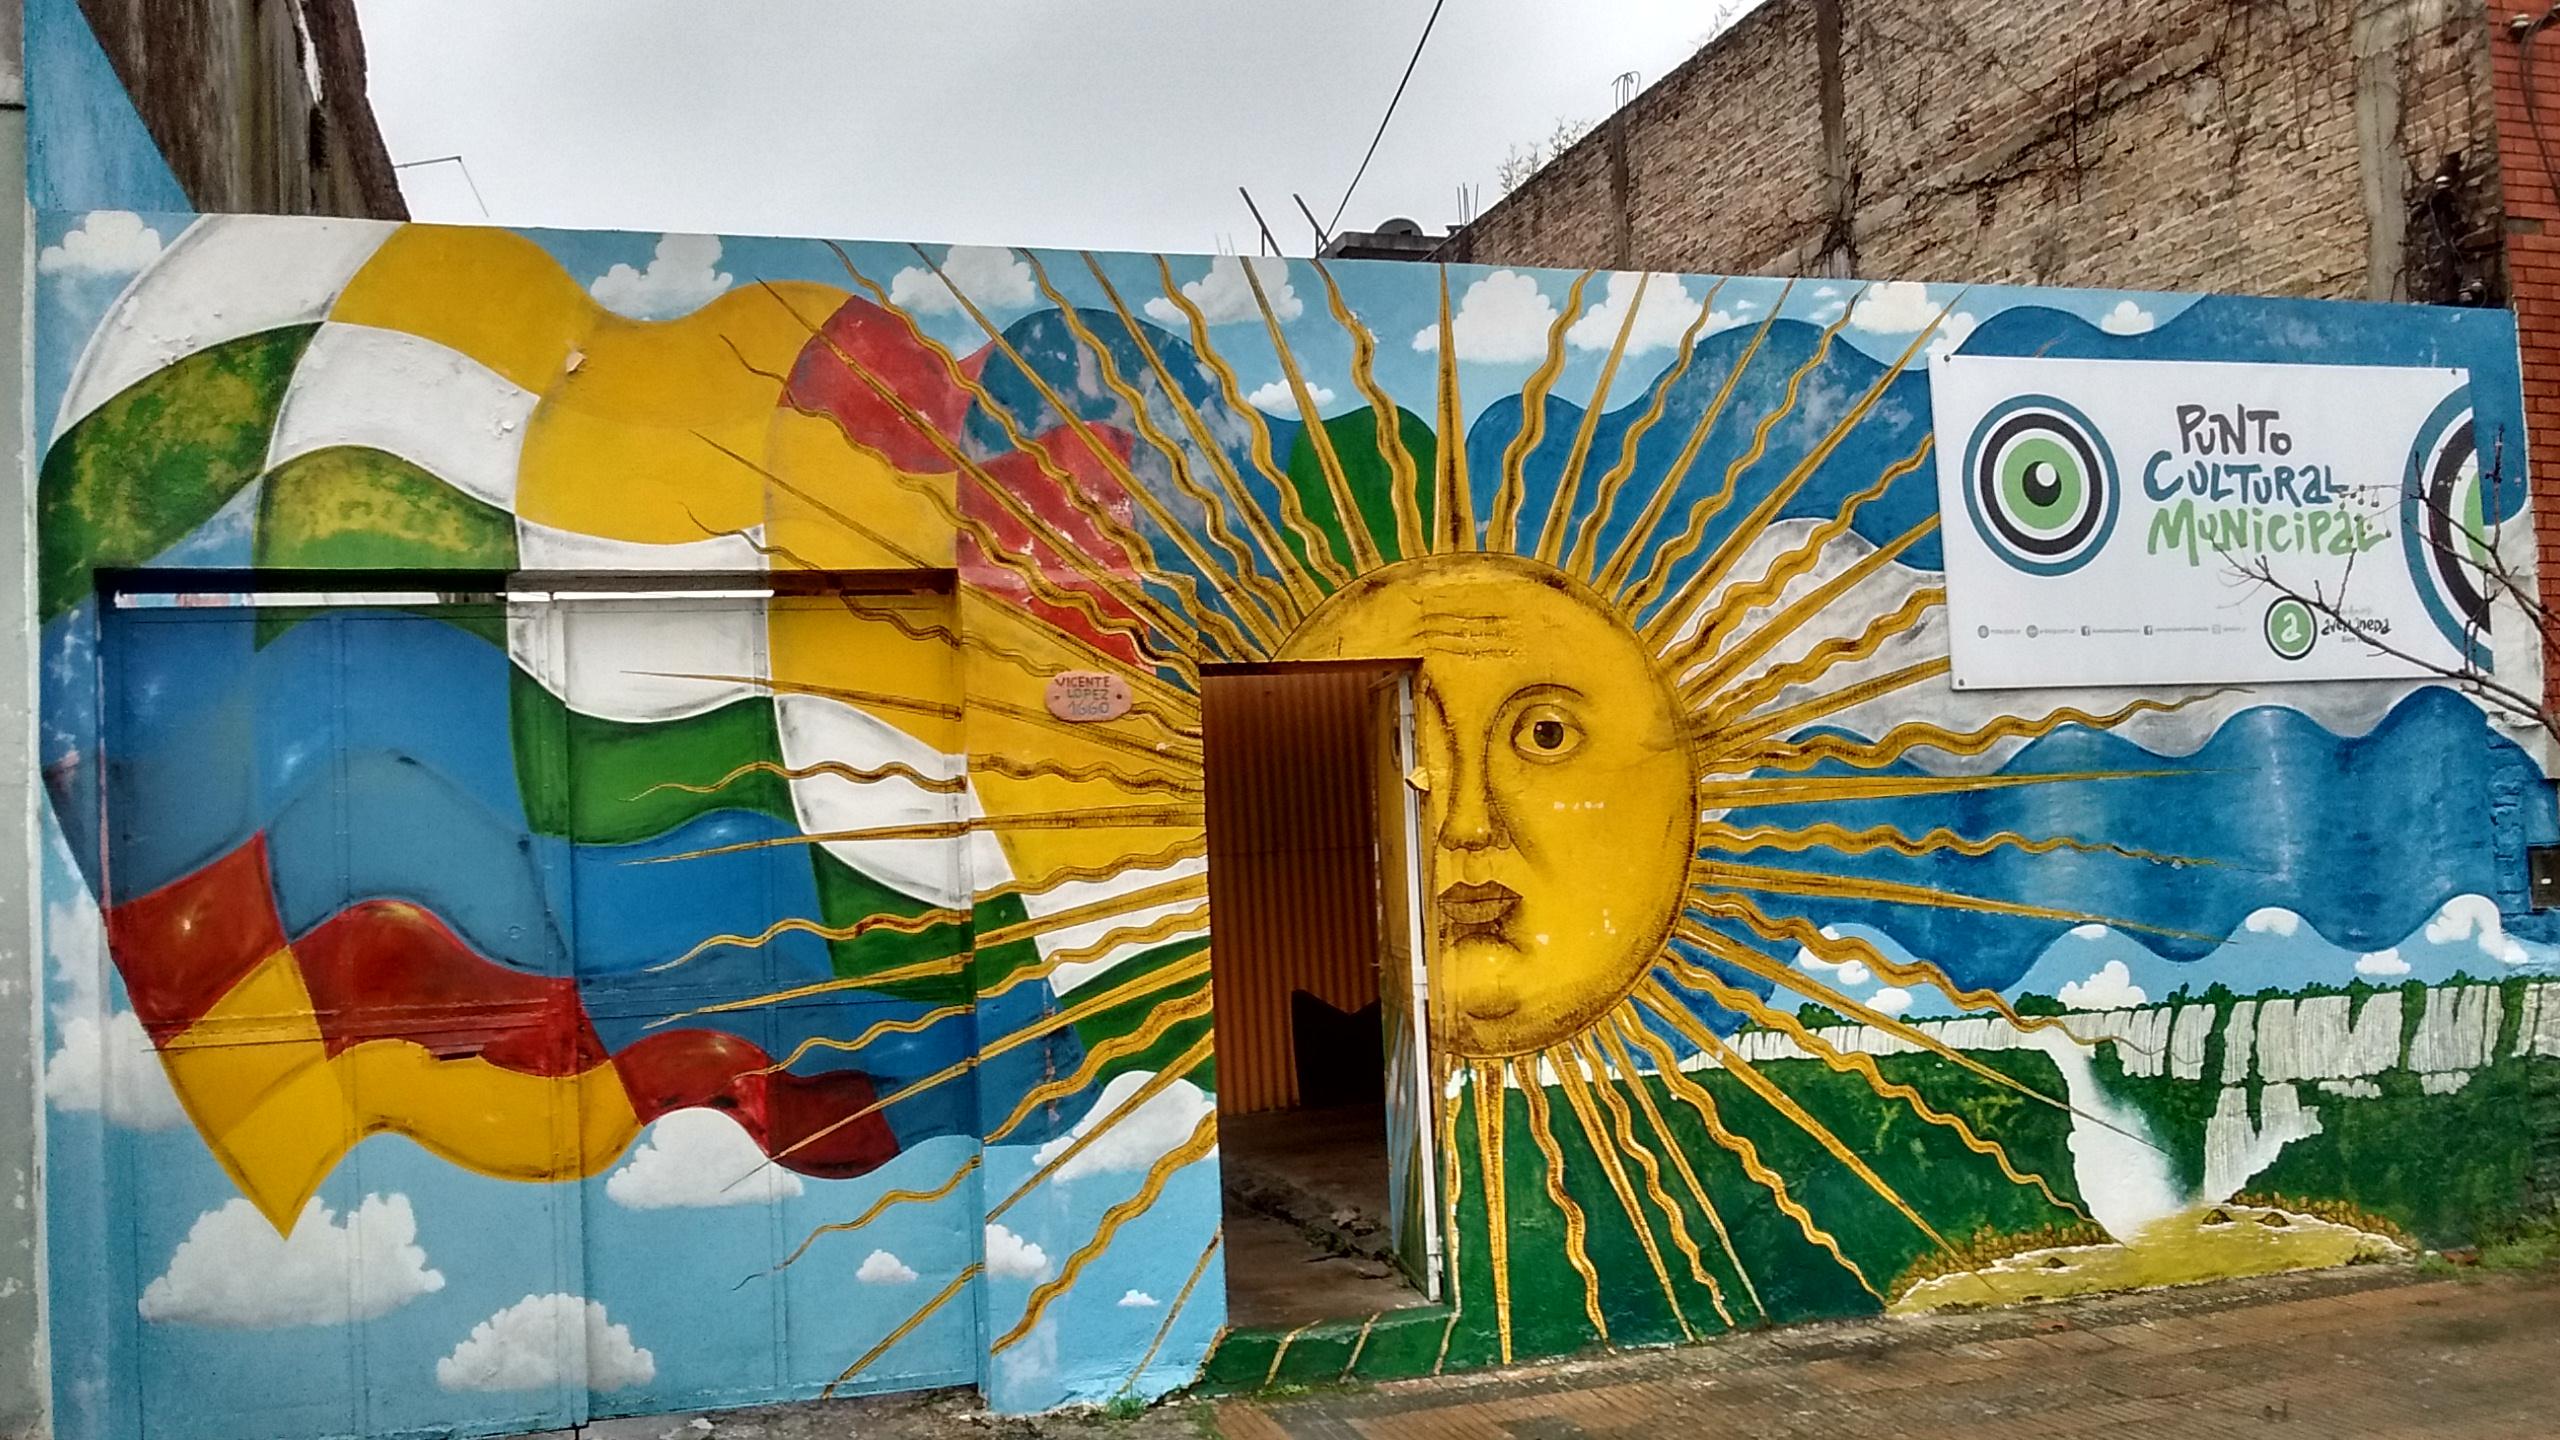 Mural en la entrada al Centro cultural Nueva Esperanza 1 - Mural  en el Centro Cultural Nueva Esperanza